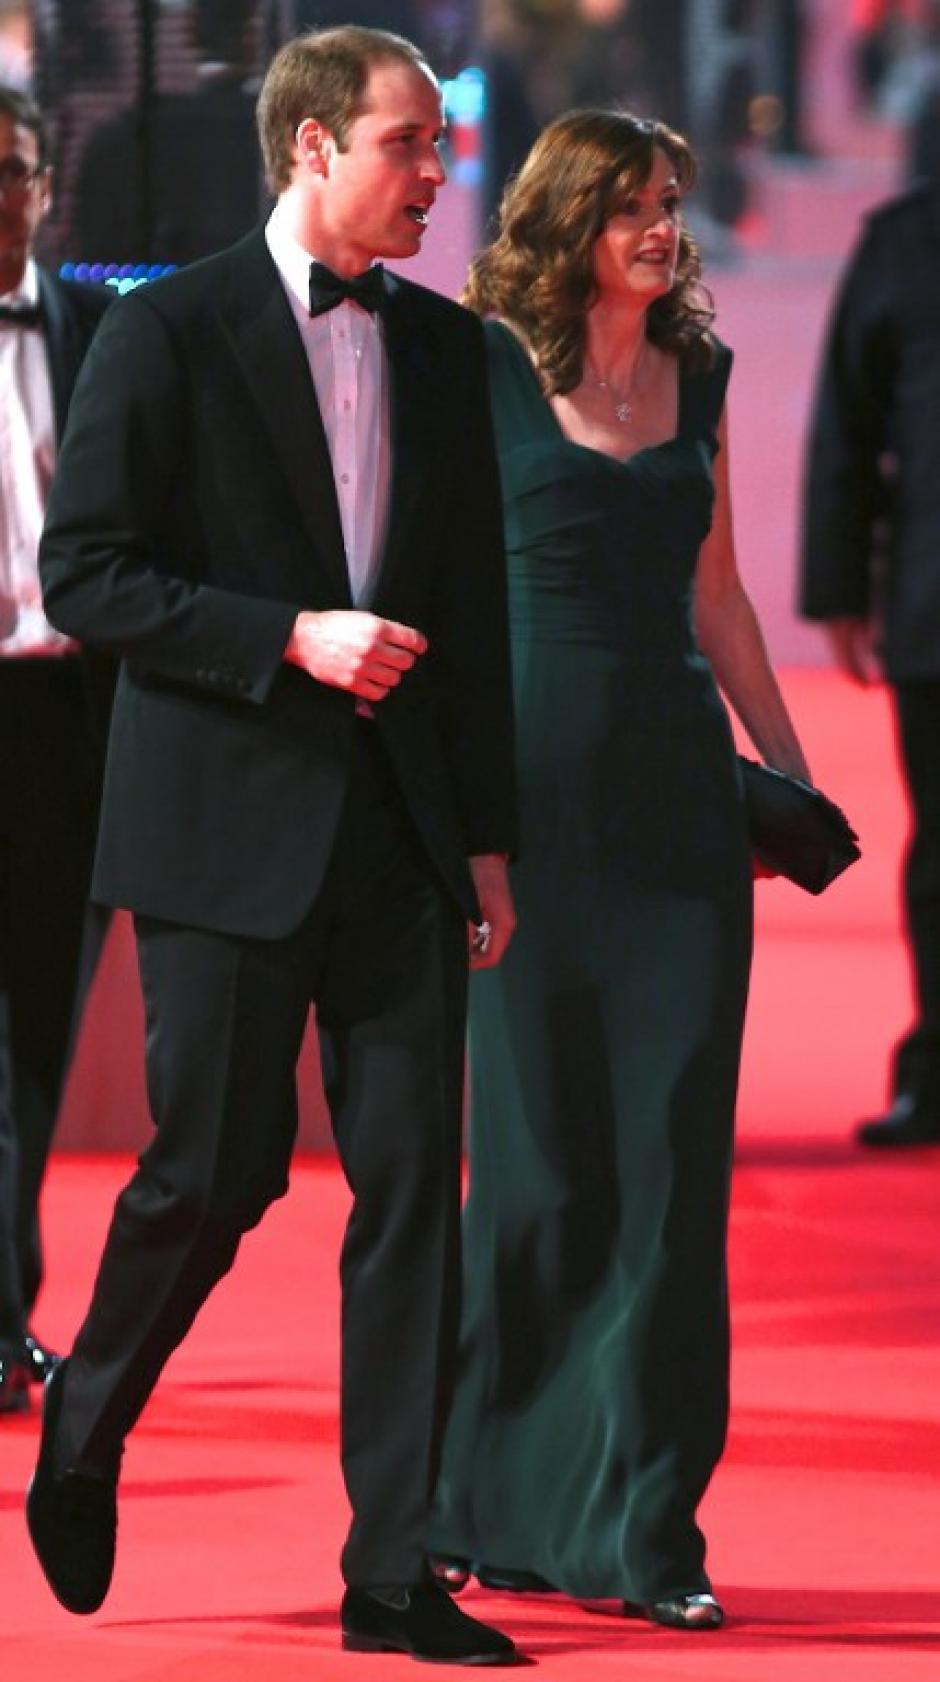 El Príncipe William llega al Royal Opera House, en donde se llevó a cabo la gala de los Bafta. Foto AFP